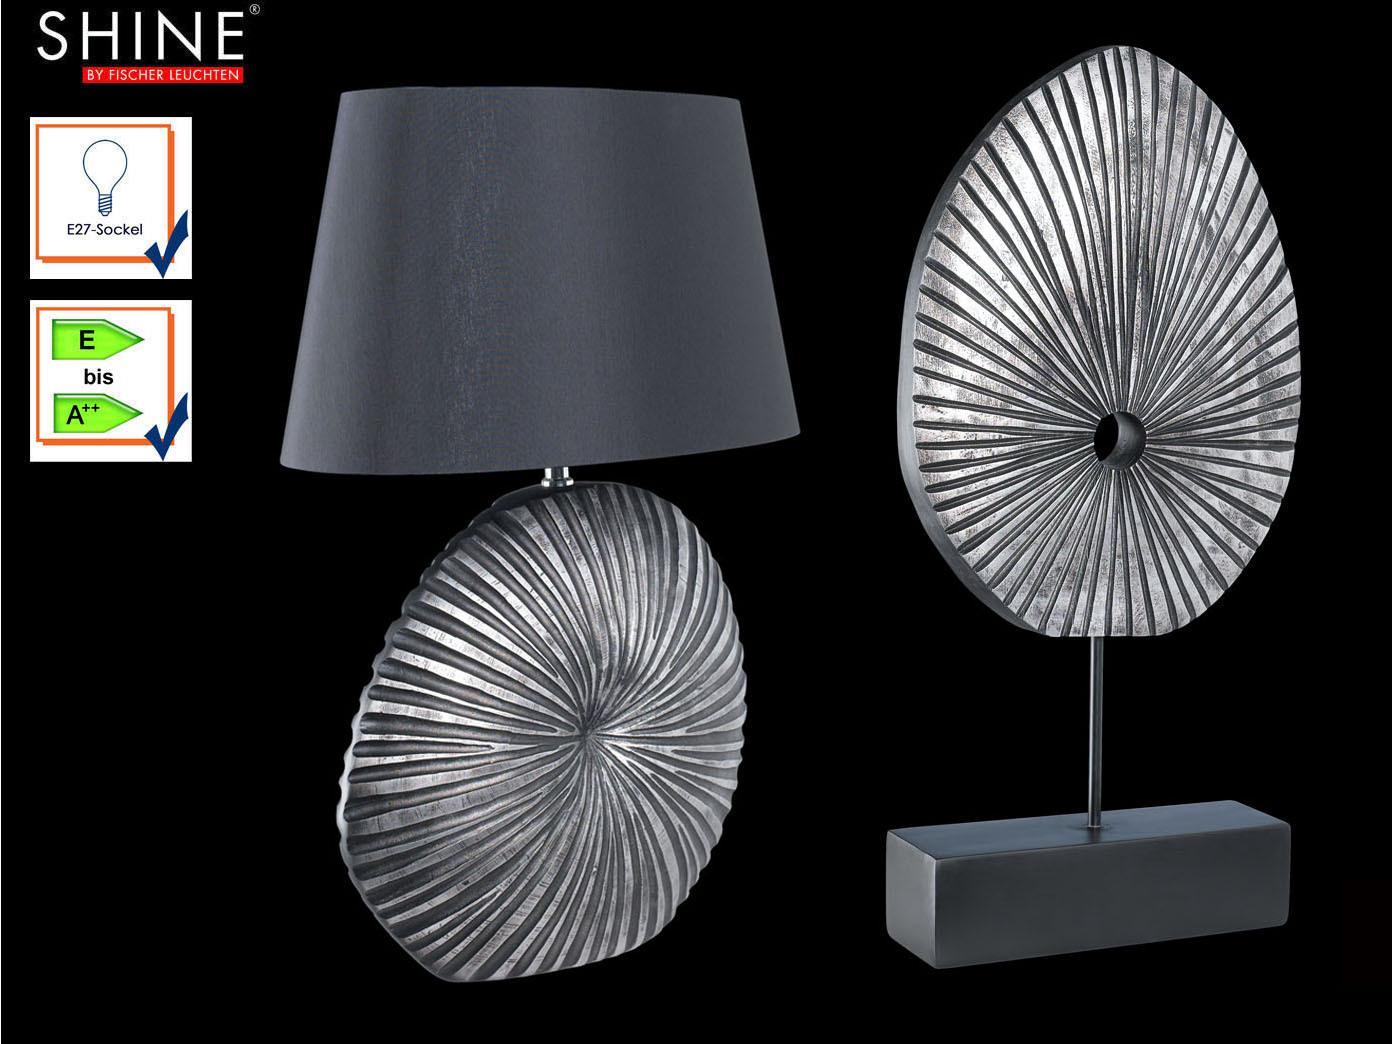 Set Moderne Tischlampe Shine Mit Deko Schwarz Nachttischleuchte